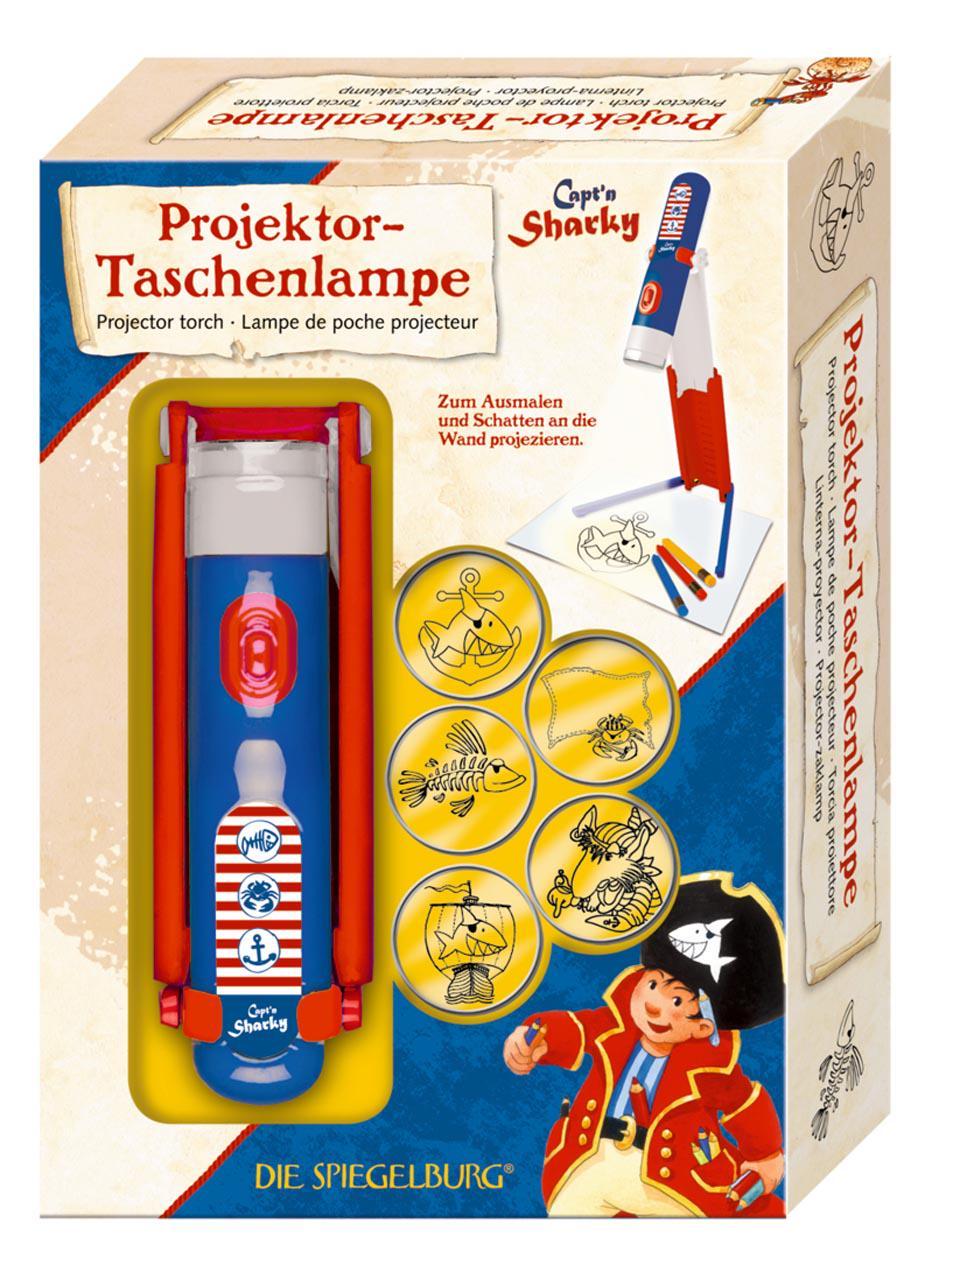 Die Spiegelburg Capt N Sharky Projektortaschenlampe Capt N Sharky Frankfurt Airport Online Shopping